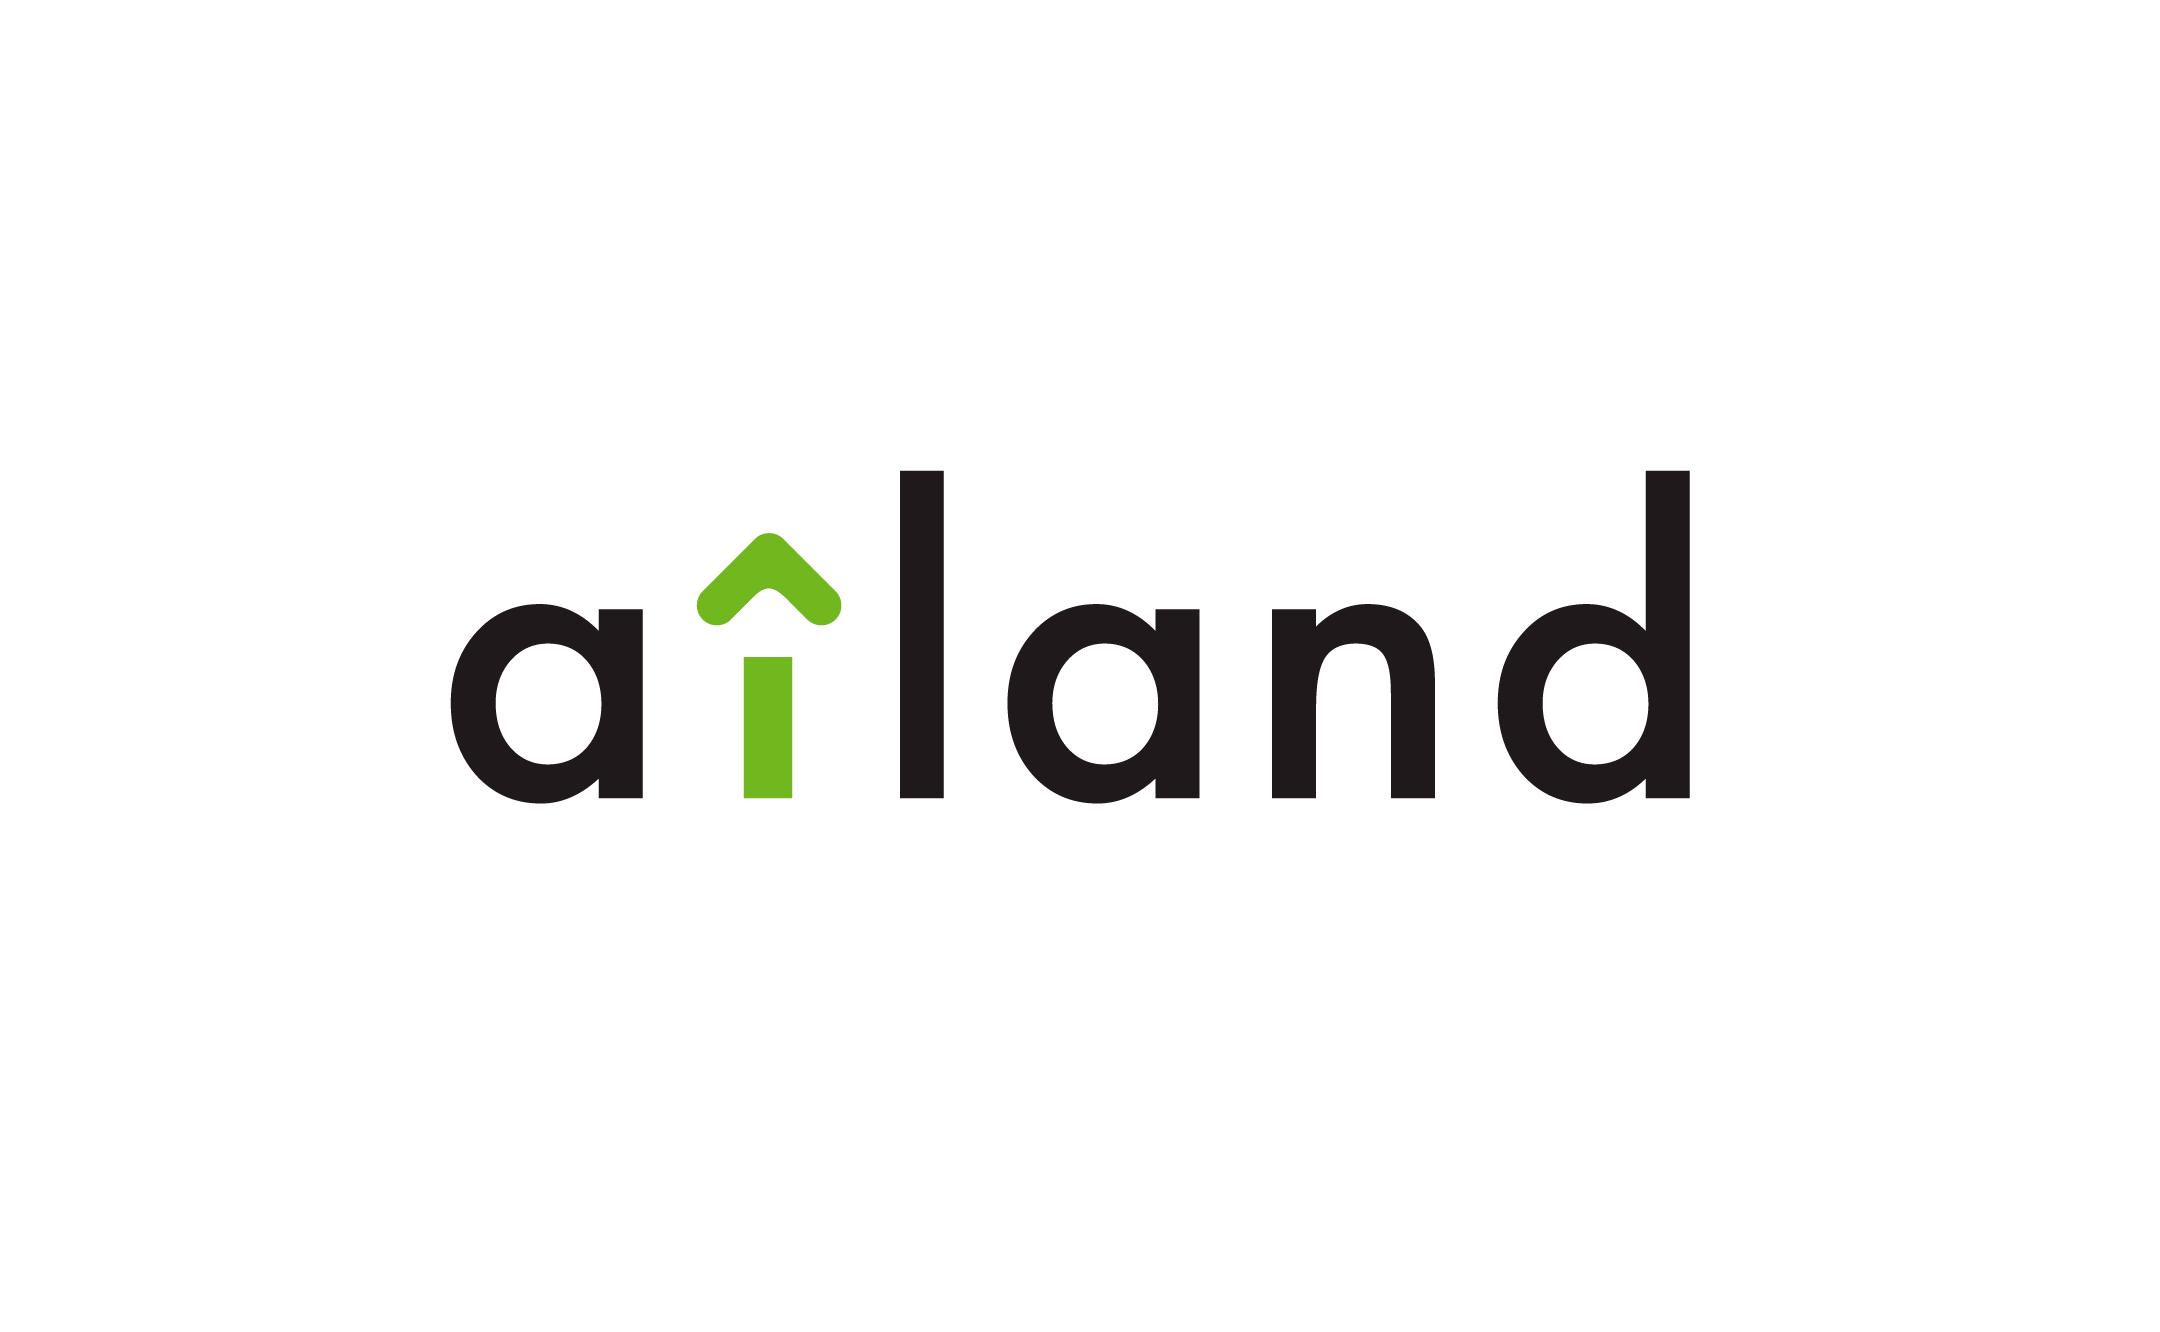 ライフスタイルメディアカンパニー ailand ロゴ制作